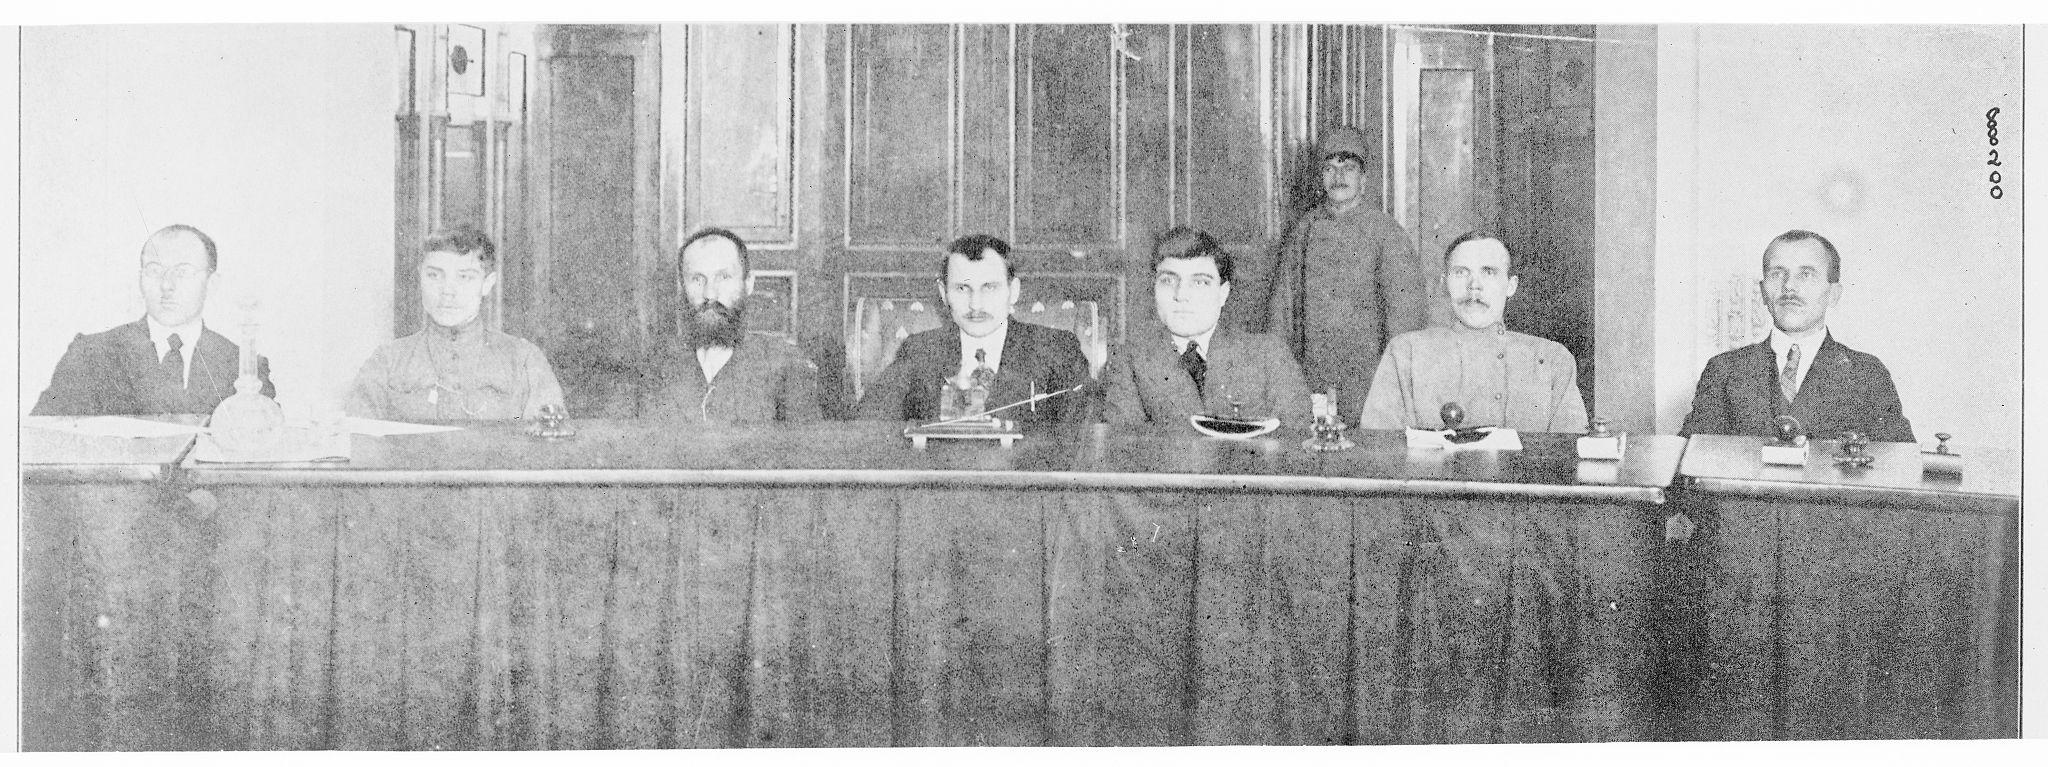 Революционный Трибунал на сессии в Петрограде